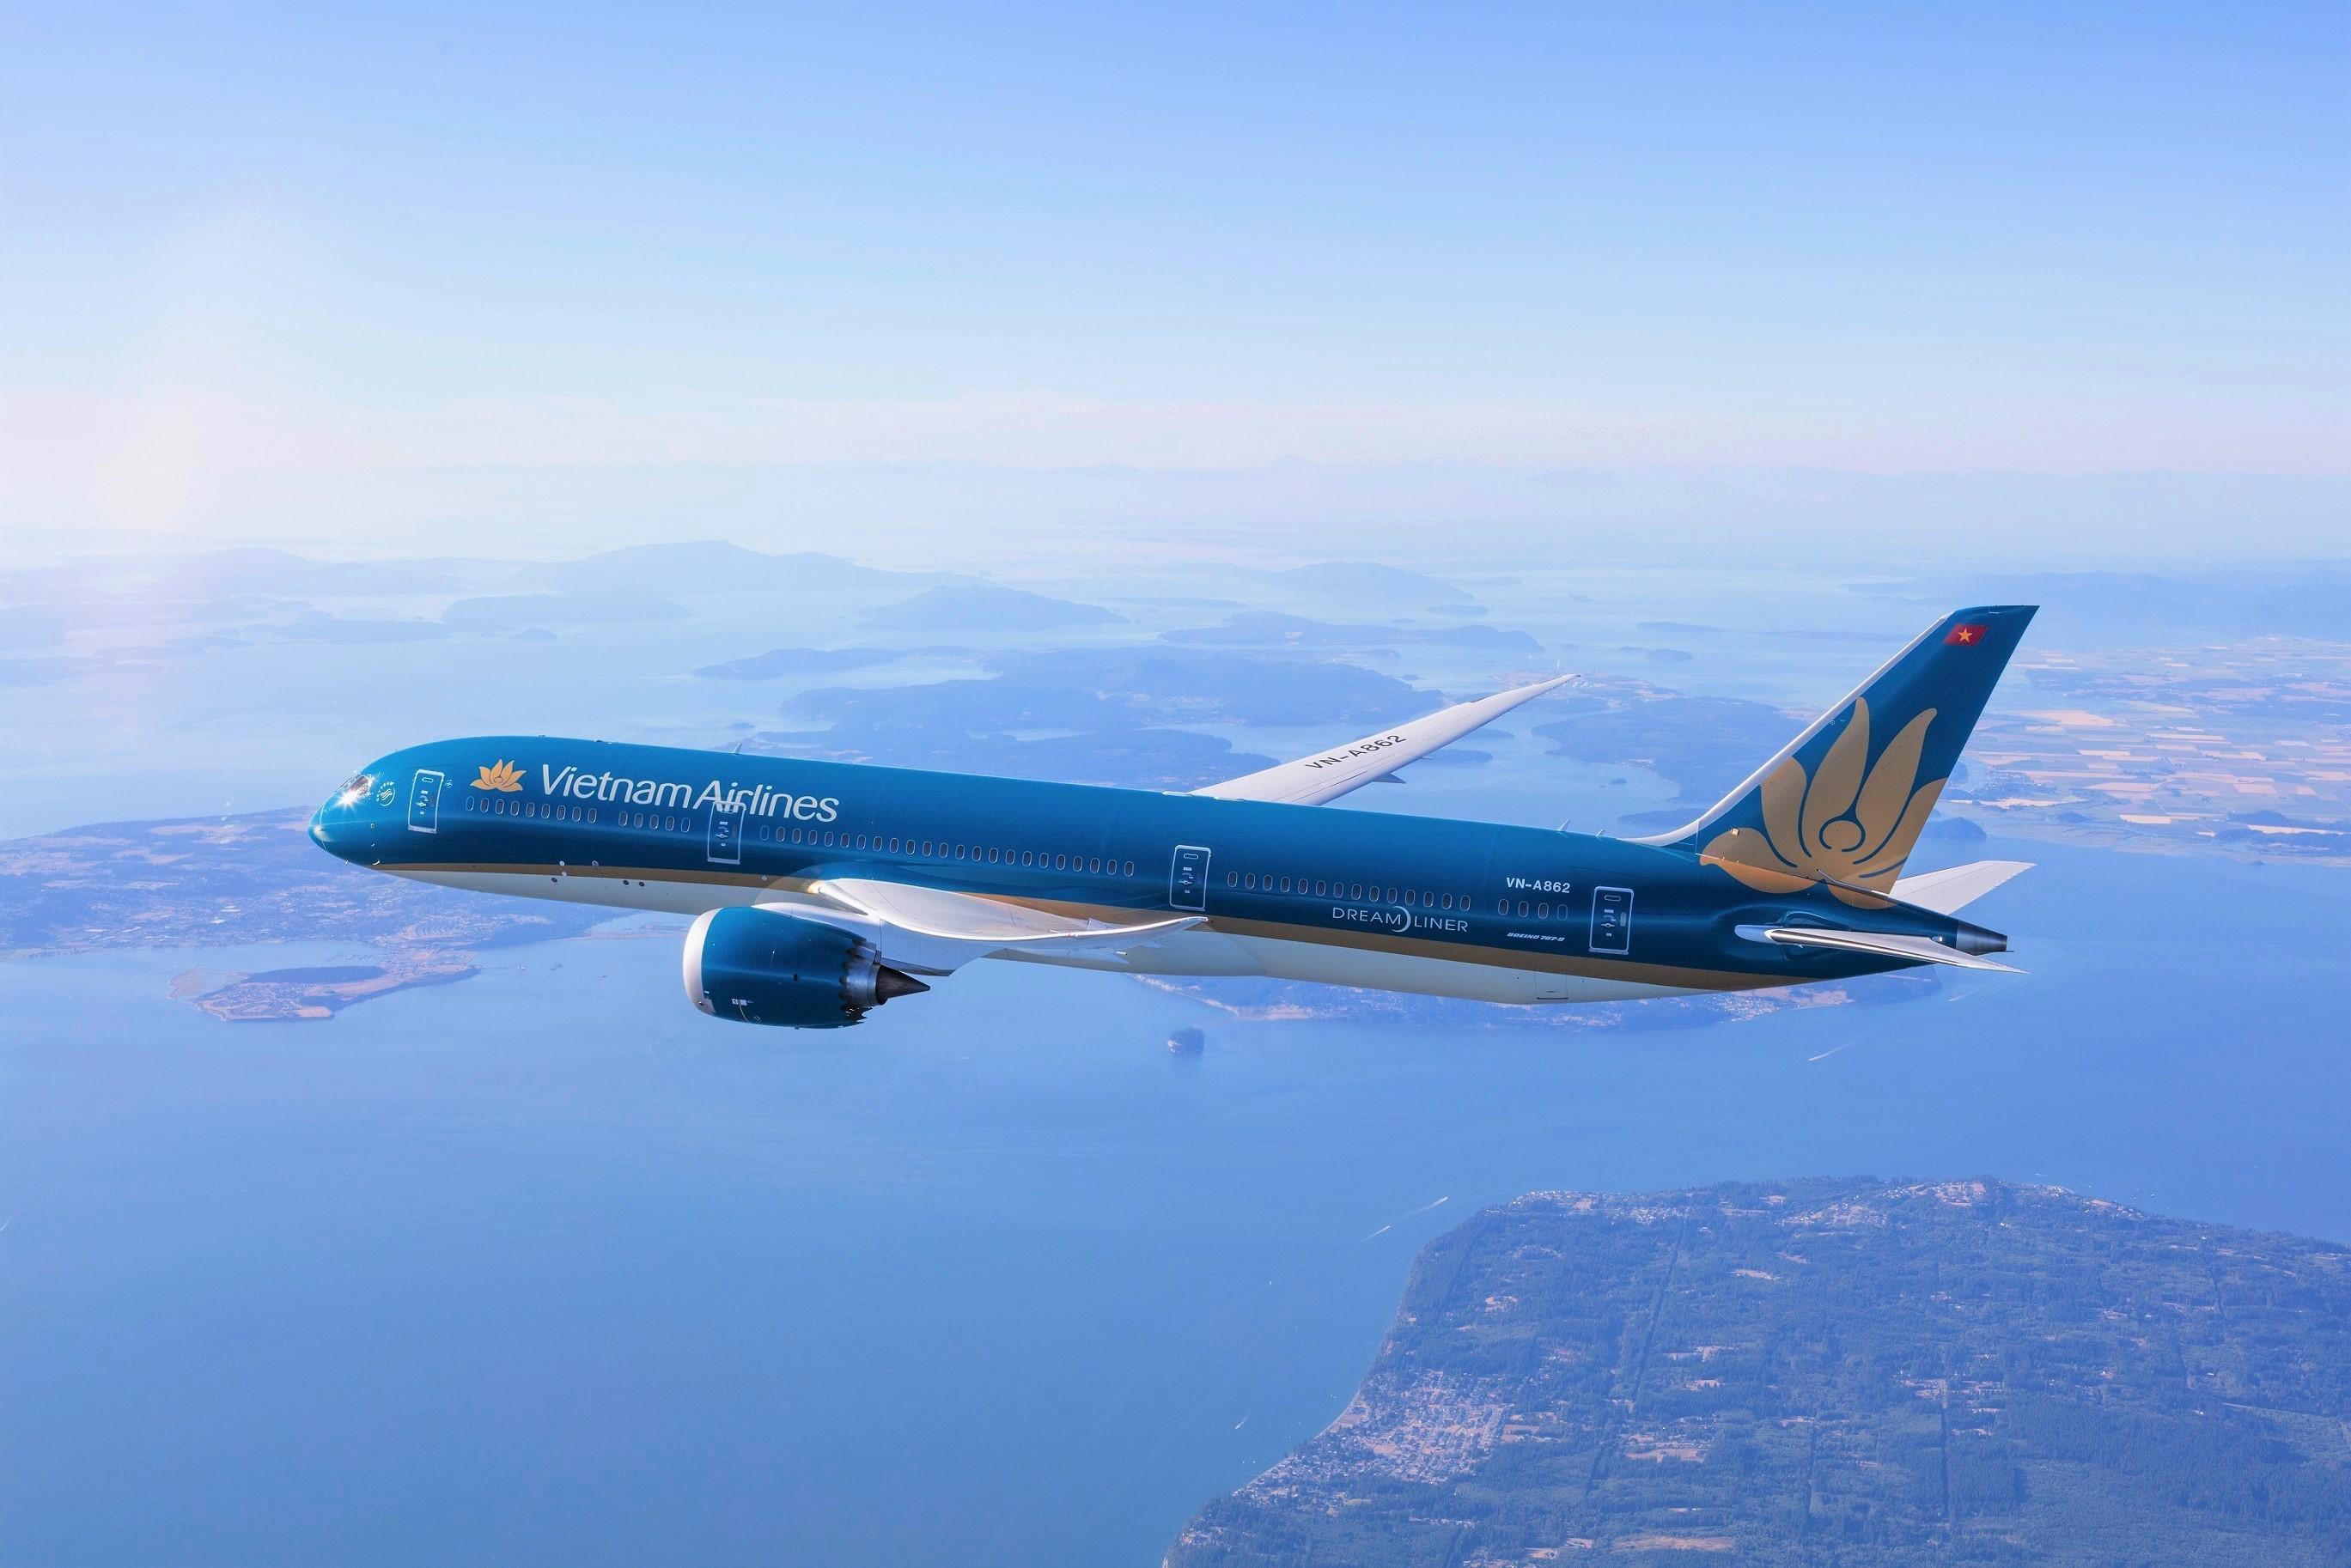 Vietnam Airlines chính thức được Canada cấp phép bay - Ảnh 1